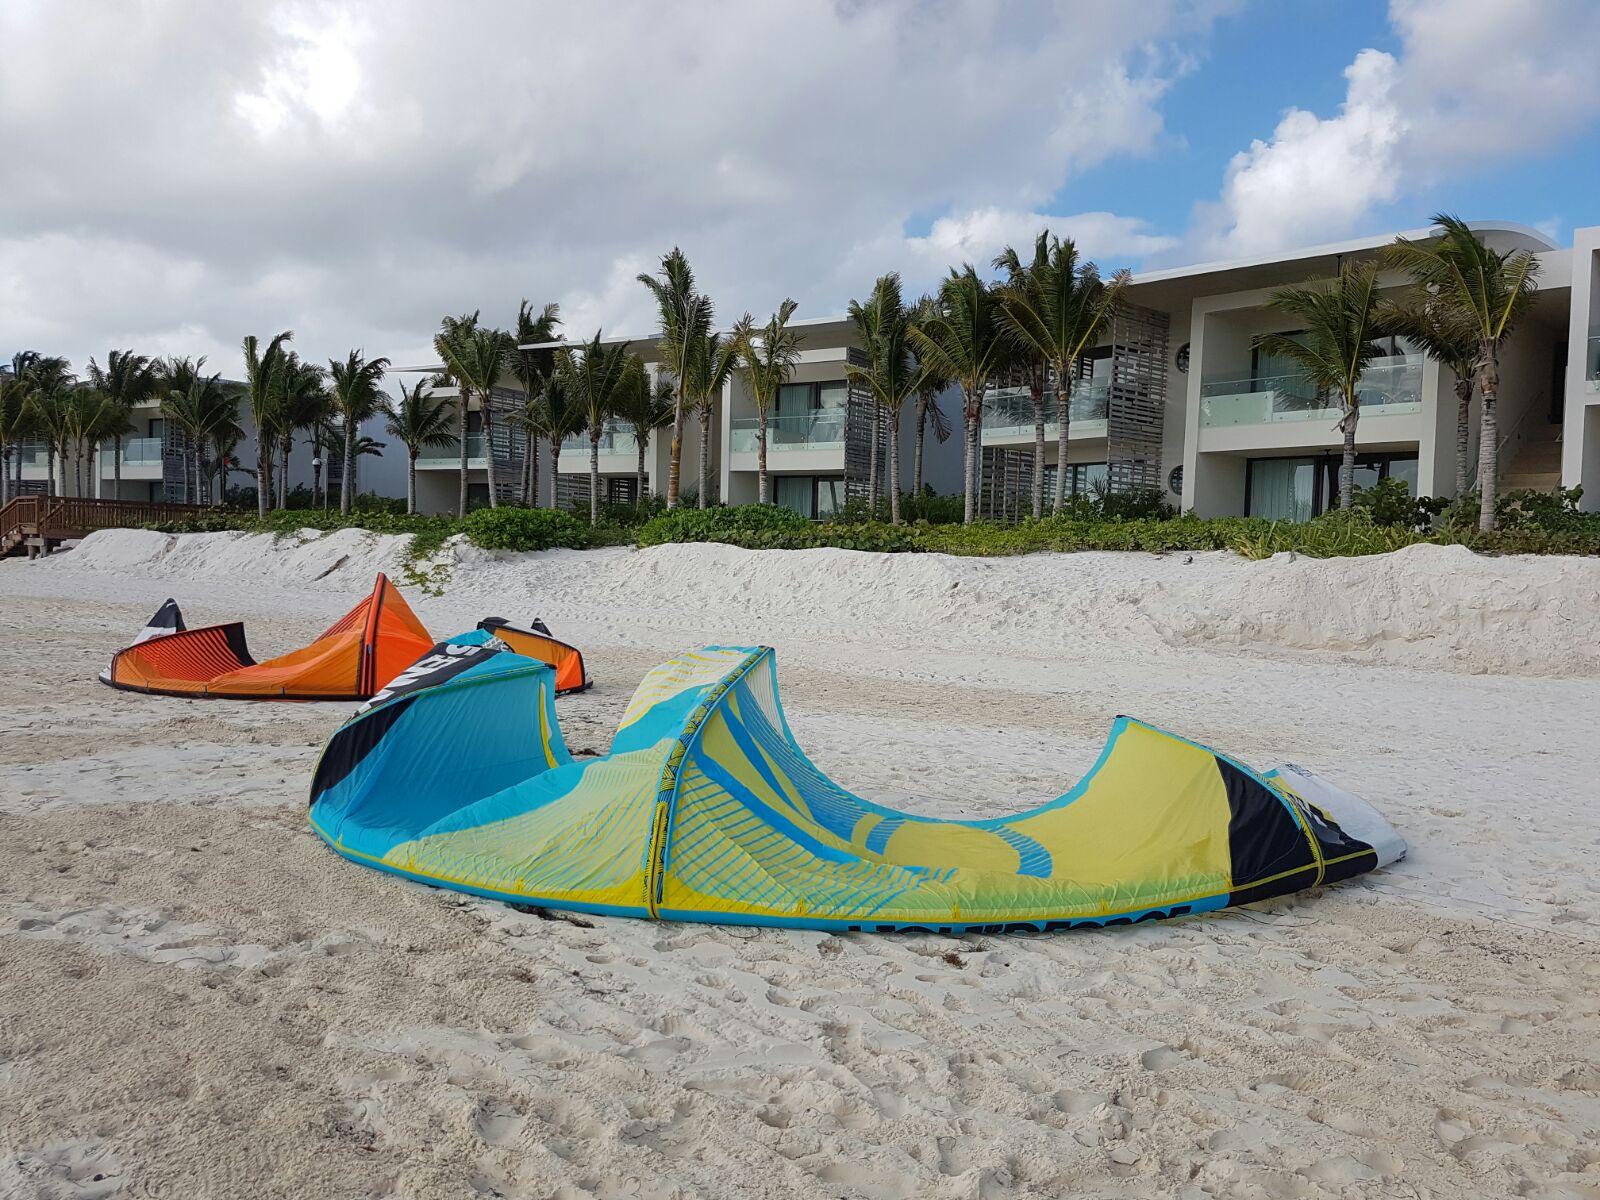 kite envy 15m usado